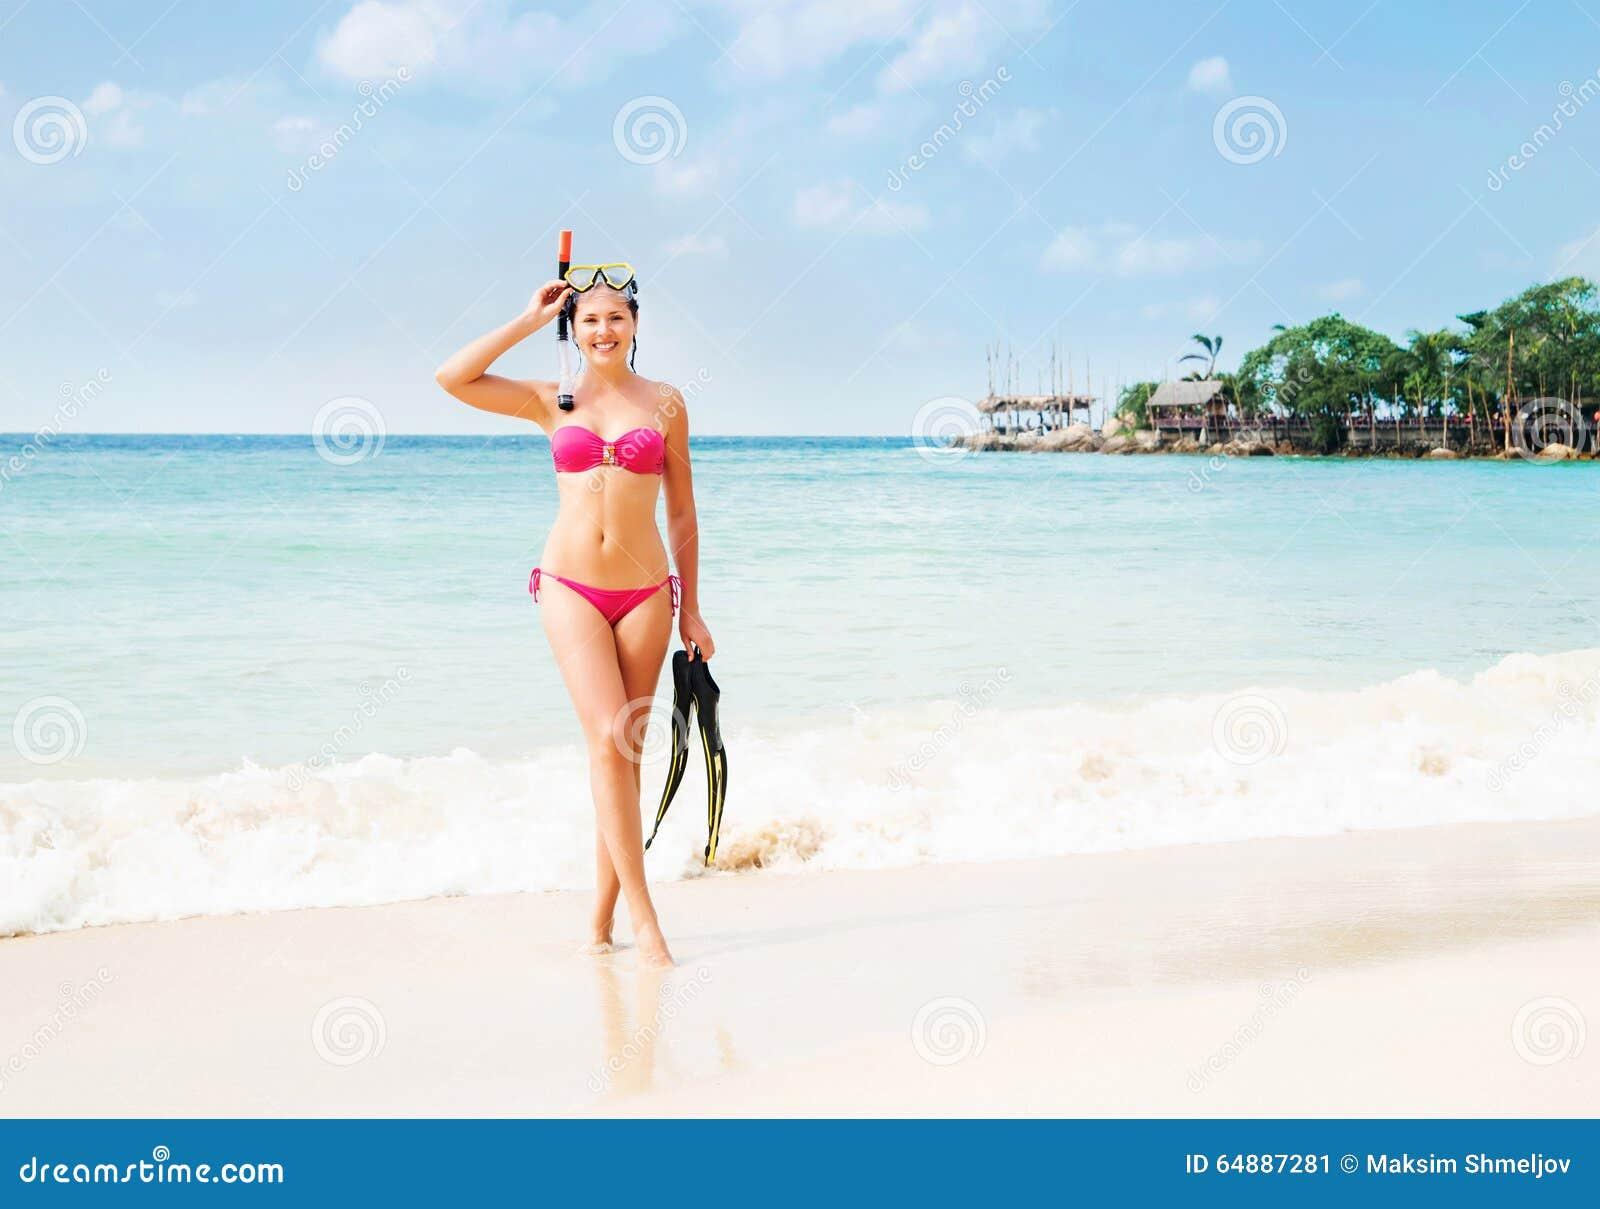 Πανέμορφη, λεπτή, εύθυμη τοποθέτηση κοριτσιών με τη μάσκα κατάδυσης και βατραχοπέδιλα seacoast στην Ταϊλάνδη